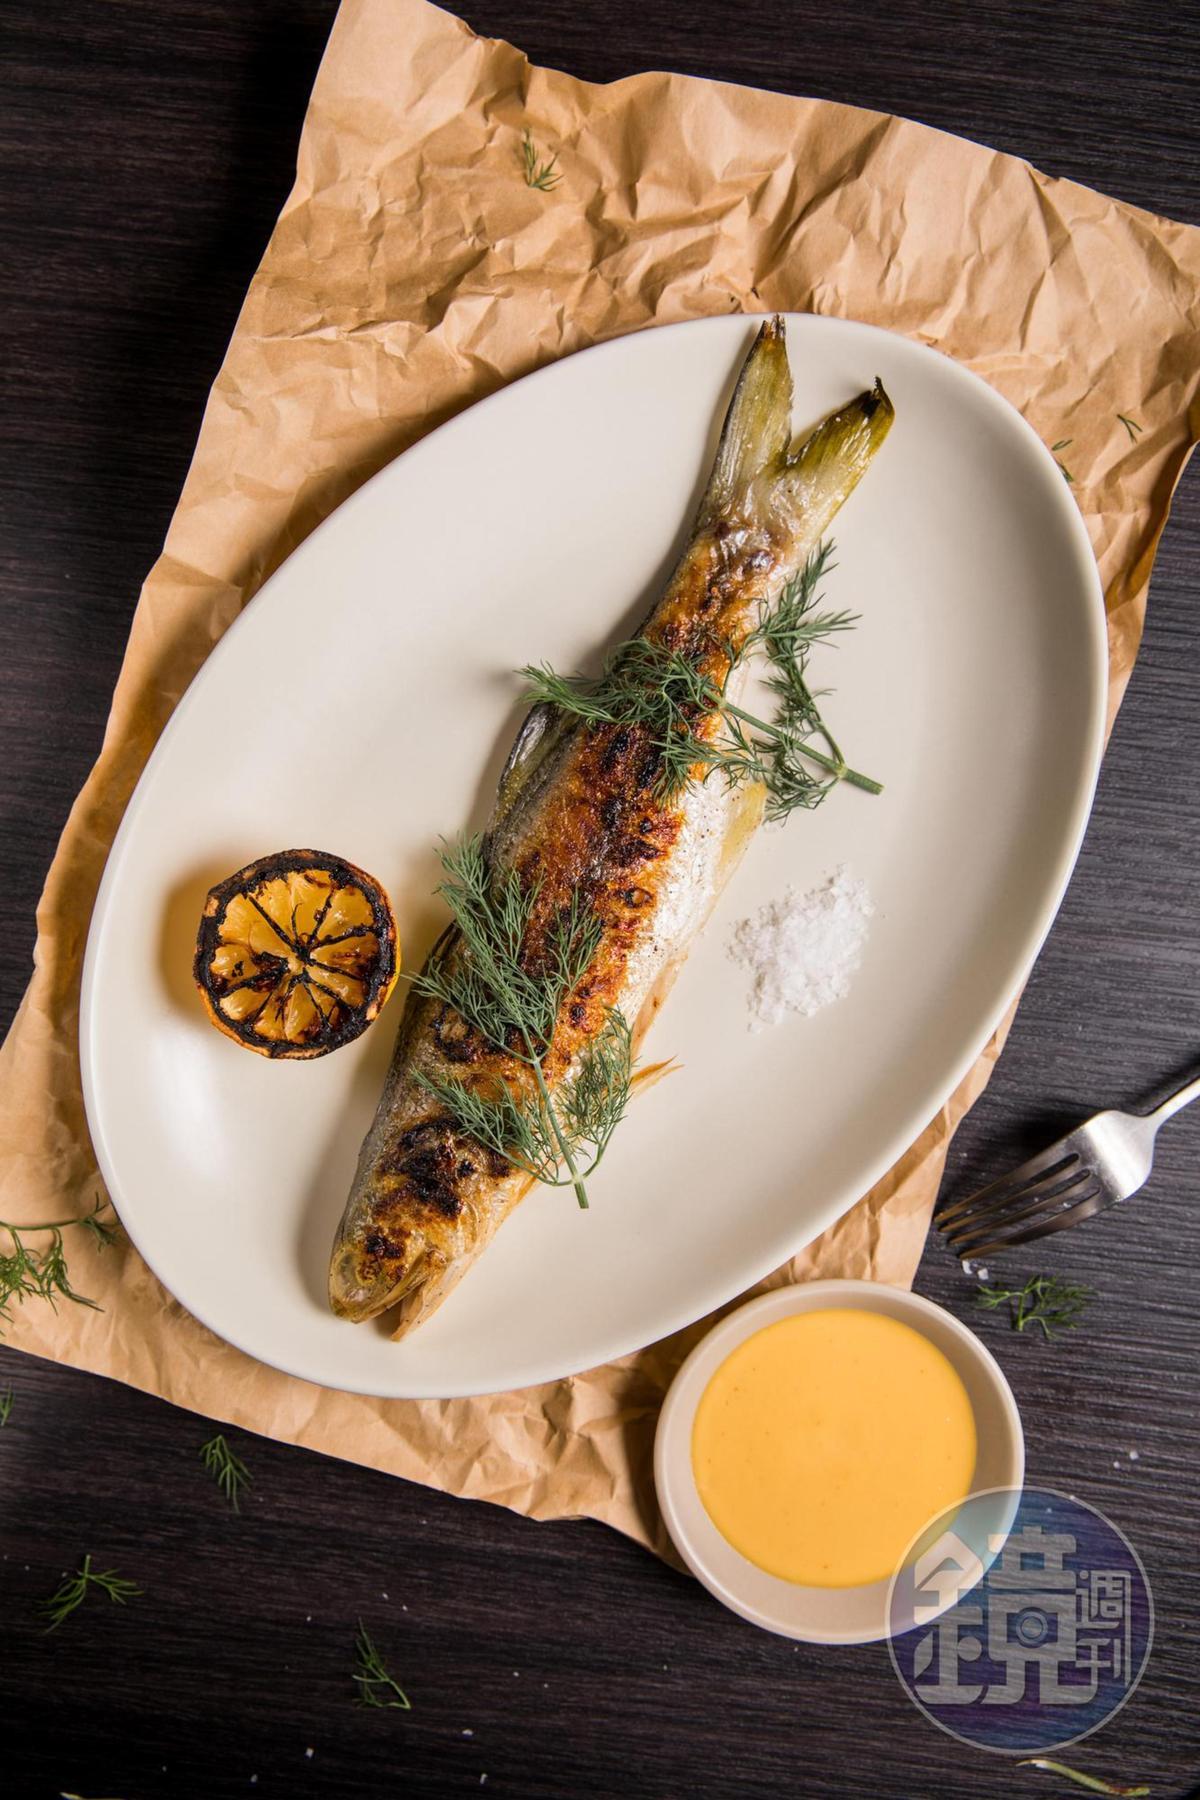 海鮮每天不同,這次選了「午仔魚」搭配微酸的「是拉差金桔醬」,引出海鮮鮮味。(時價,此約780元/份)